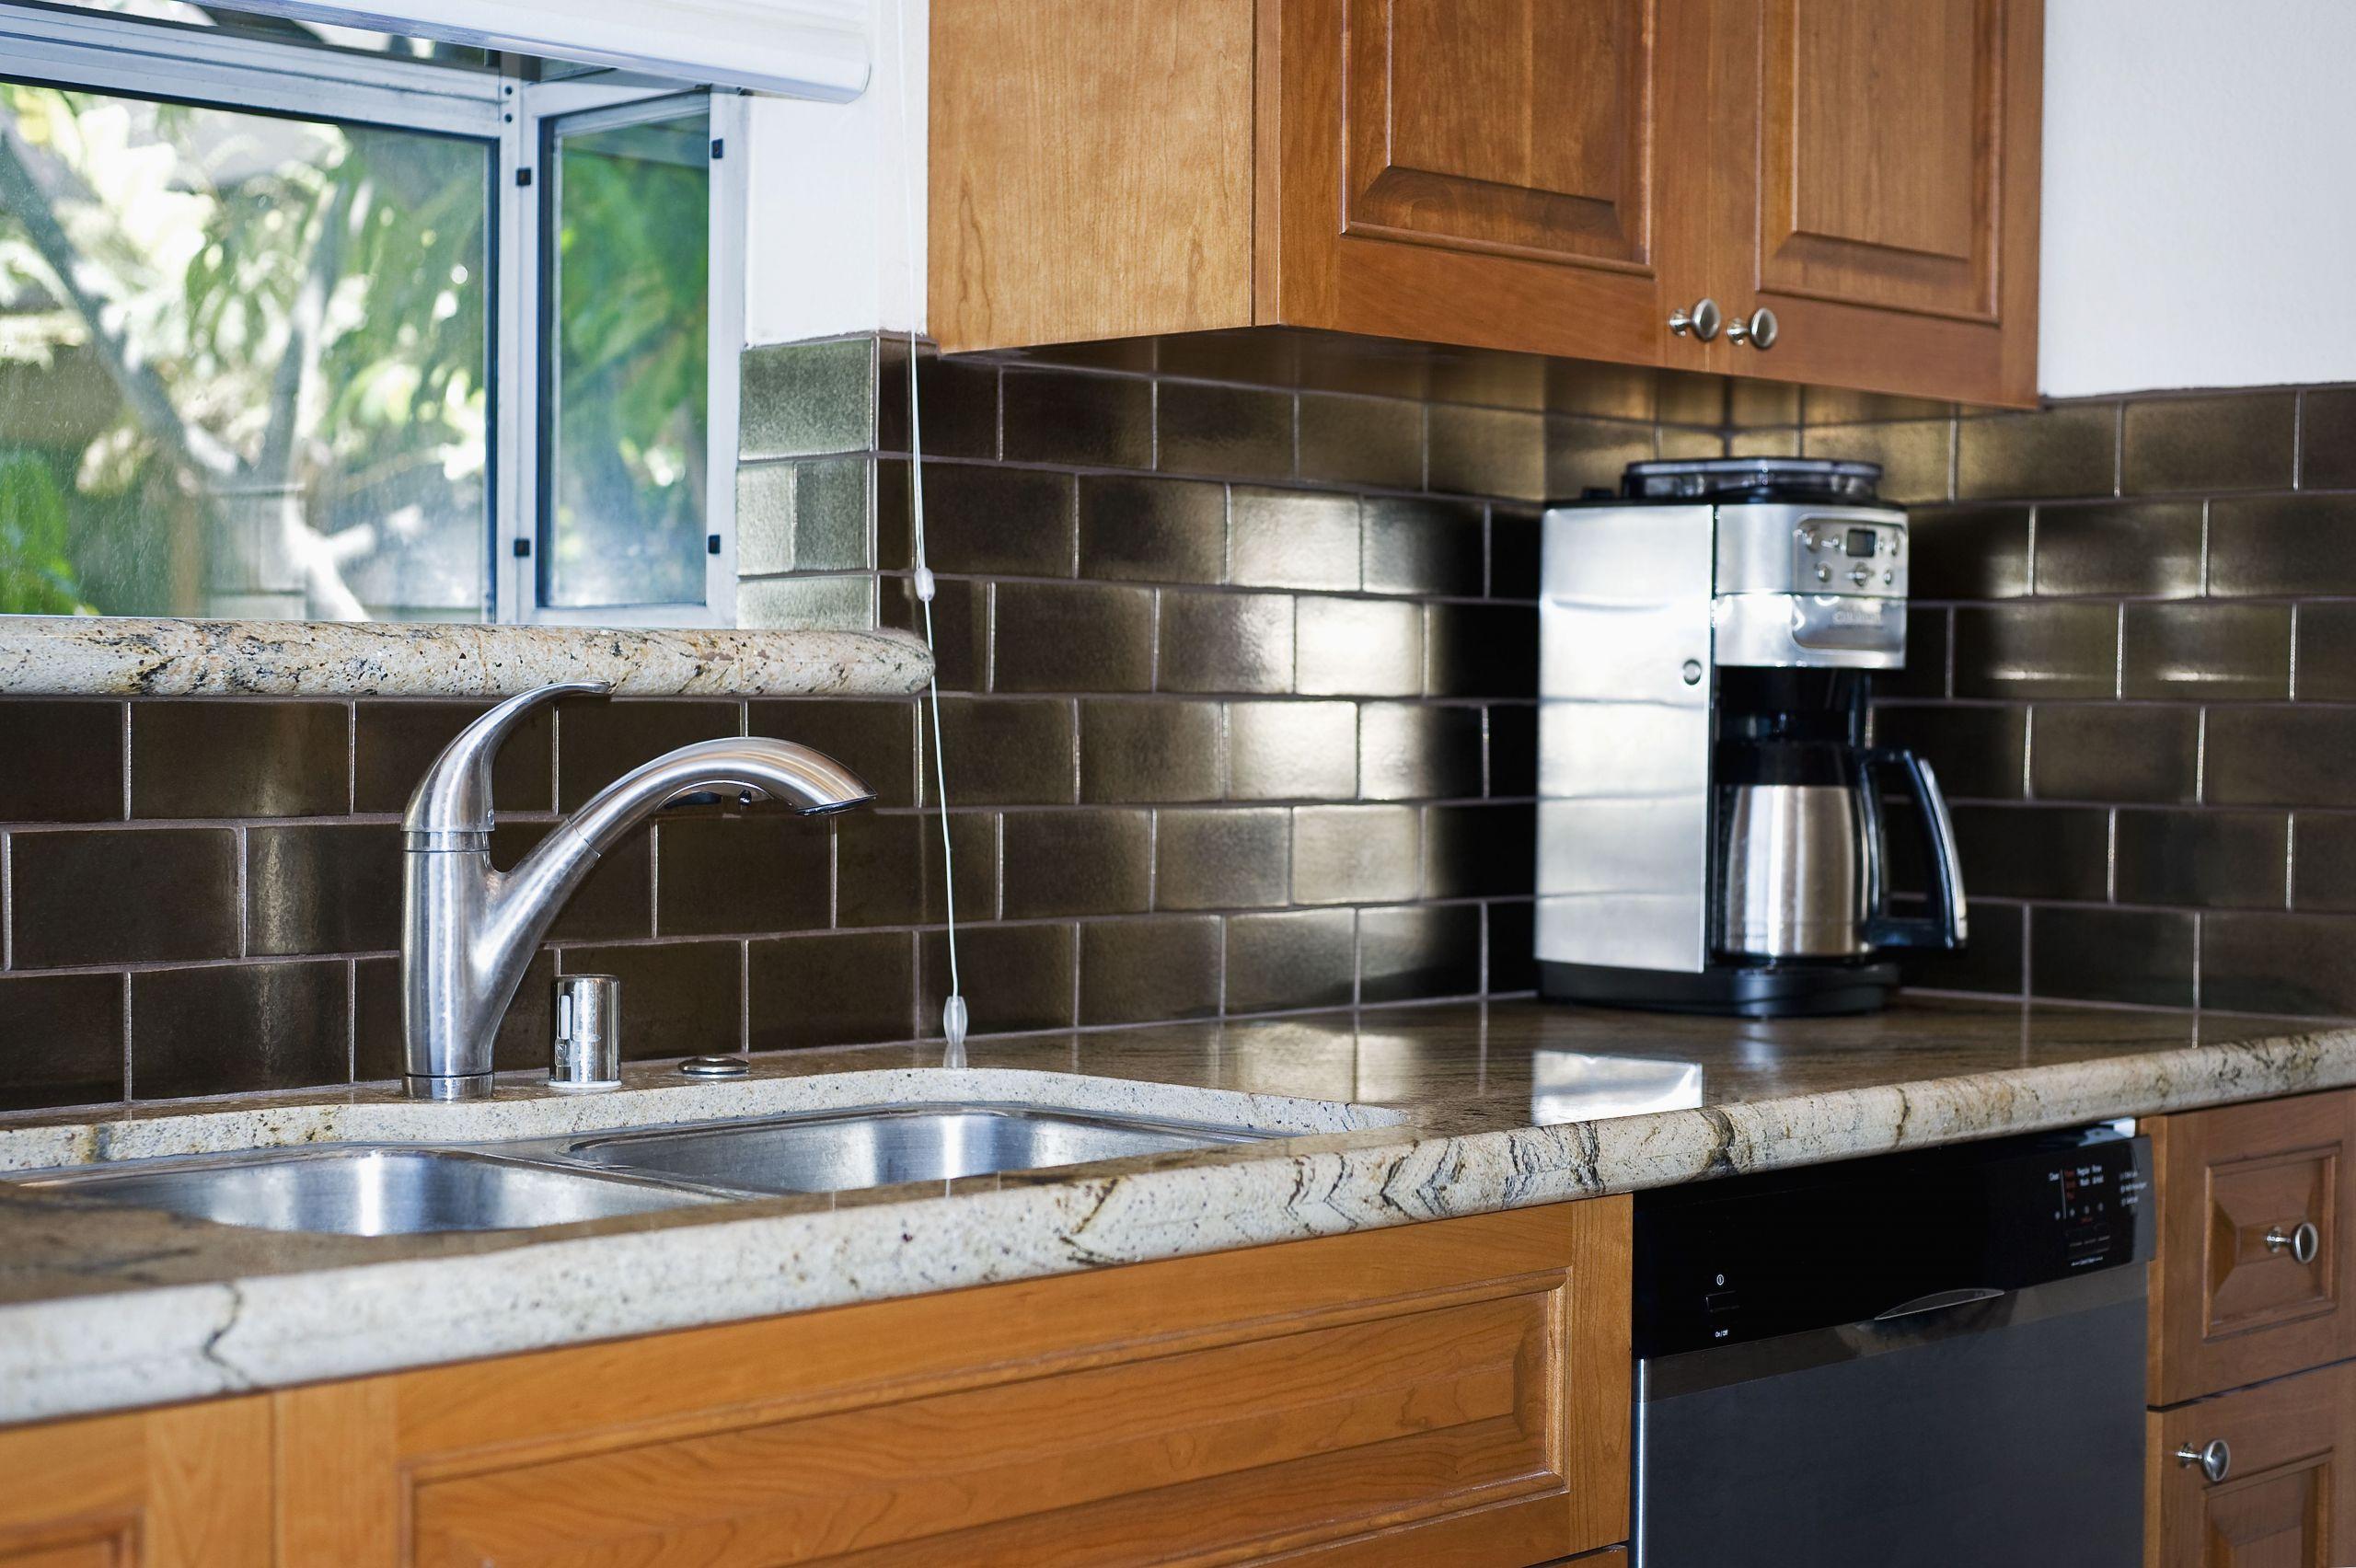 Kitchen Peel And Stick Backsplash  Peel and Stick Backsplash Tile Guide